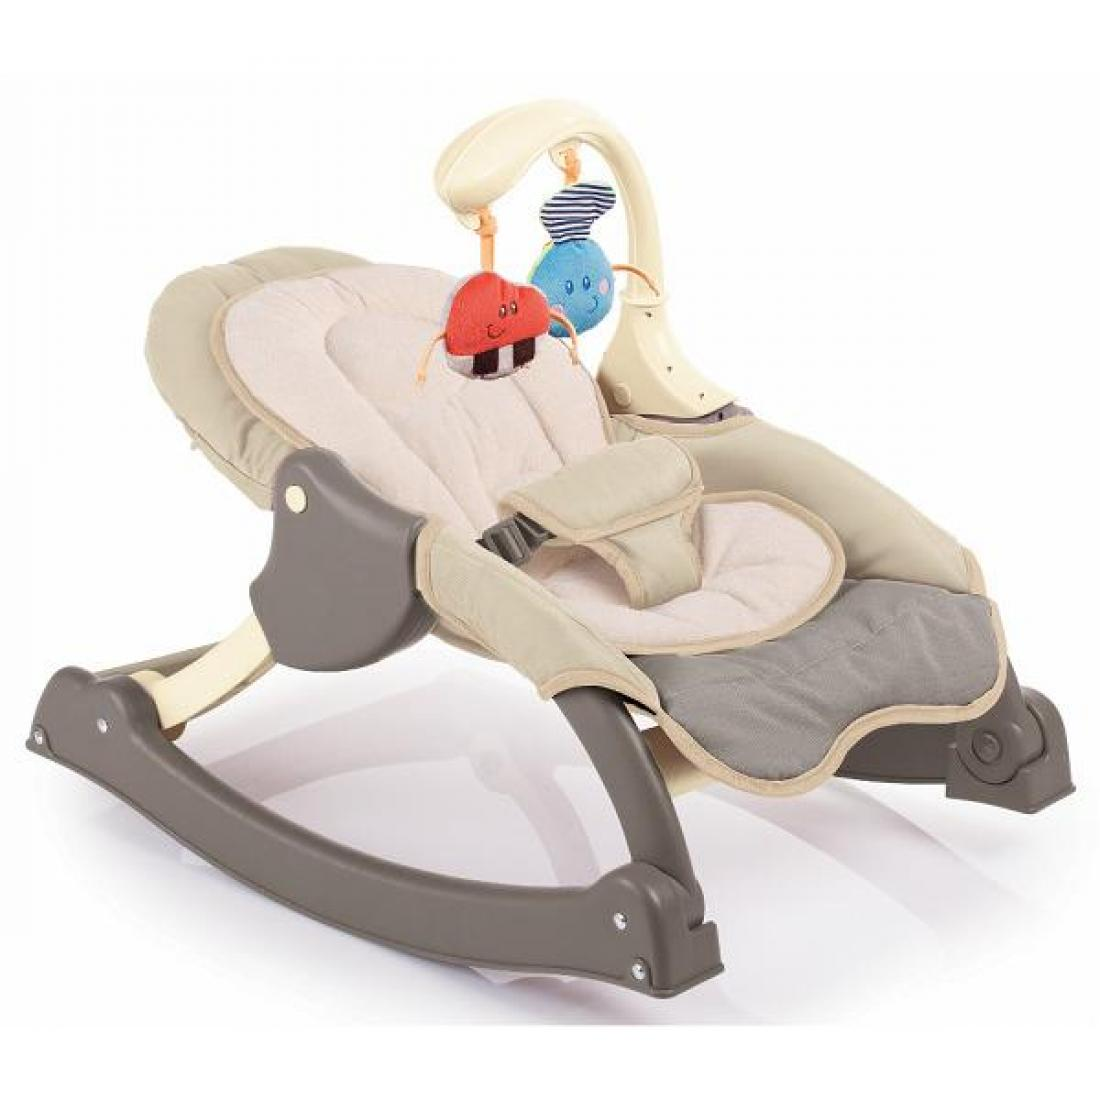 Кресло-качалка Weina MusiCozzi Joy, шоколадный (4011.101.01)